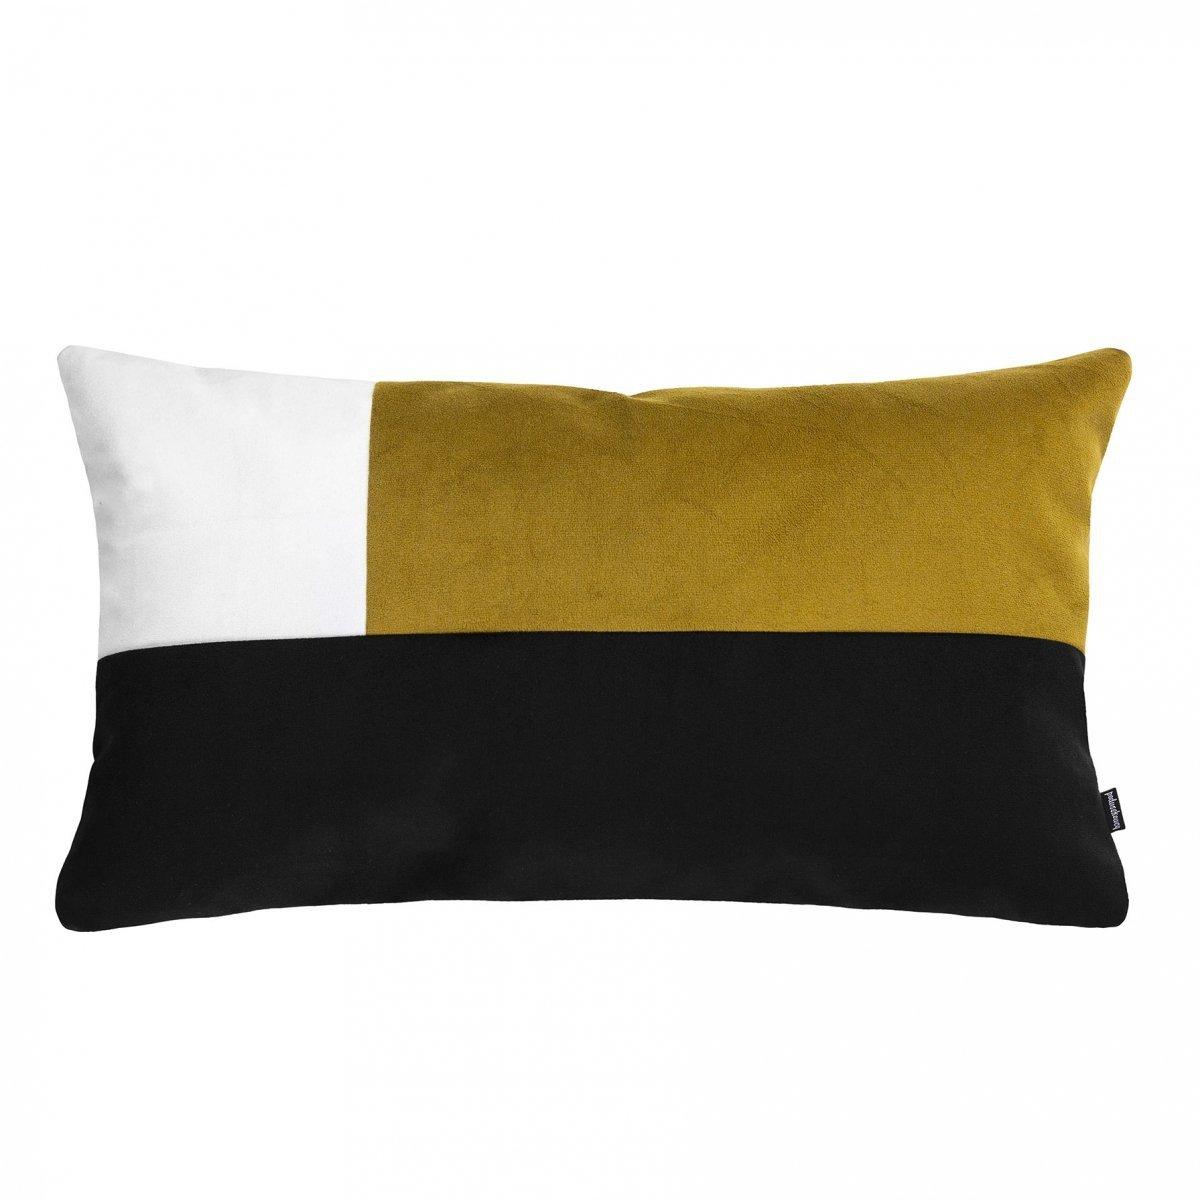 Pram M miodowa welurowa poduszka dekoracyjna 30x50 cm